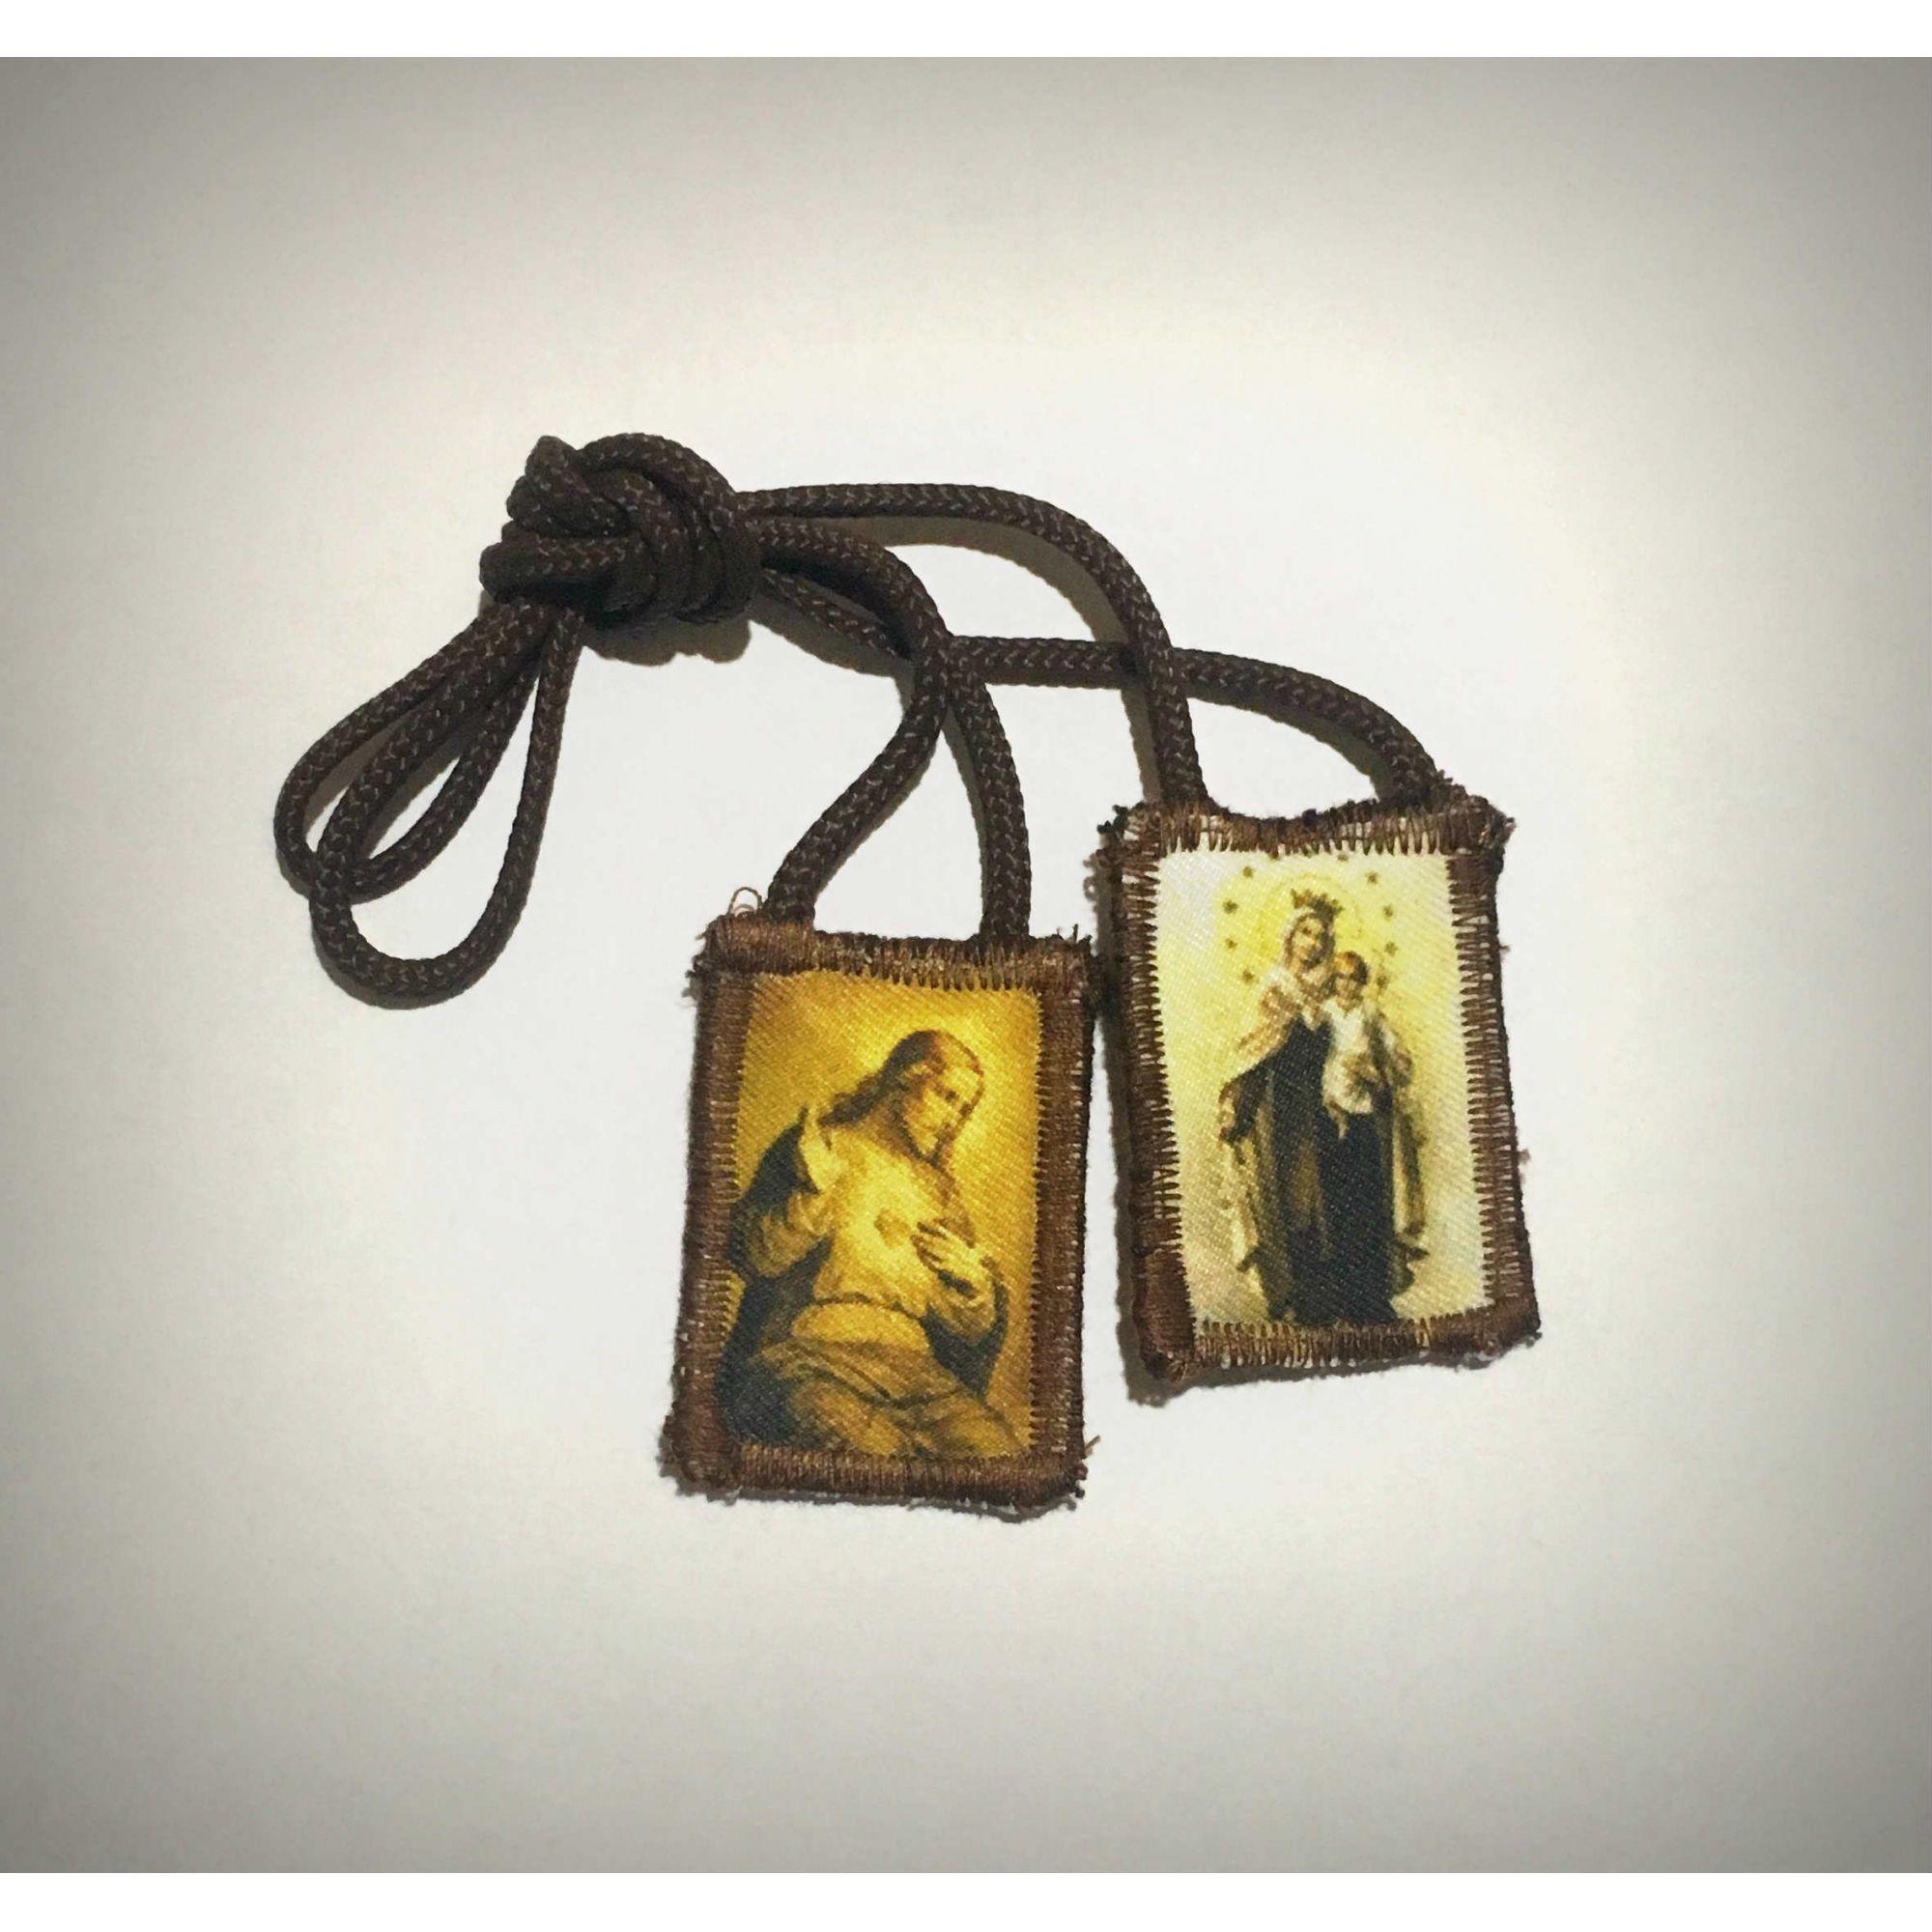 Escapulário de Nossa Senhora do Carmo  - Livraria Santa Cruz